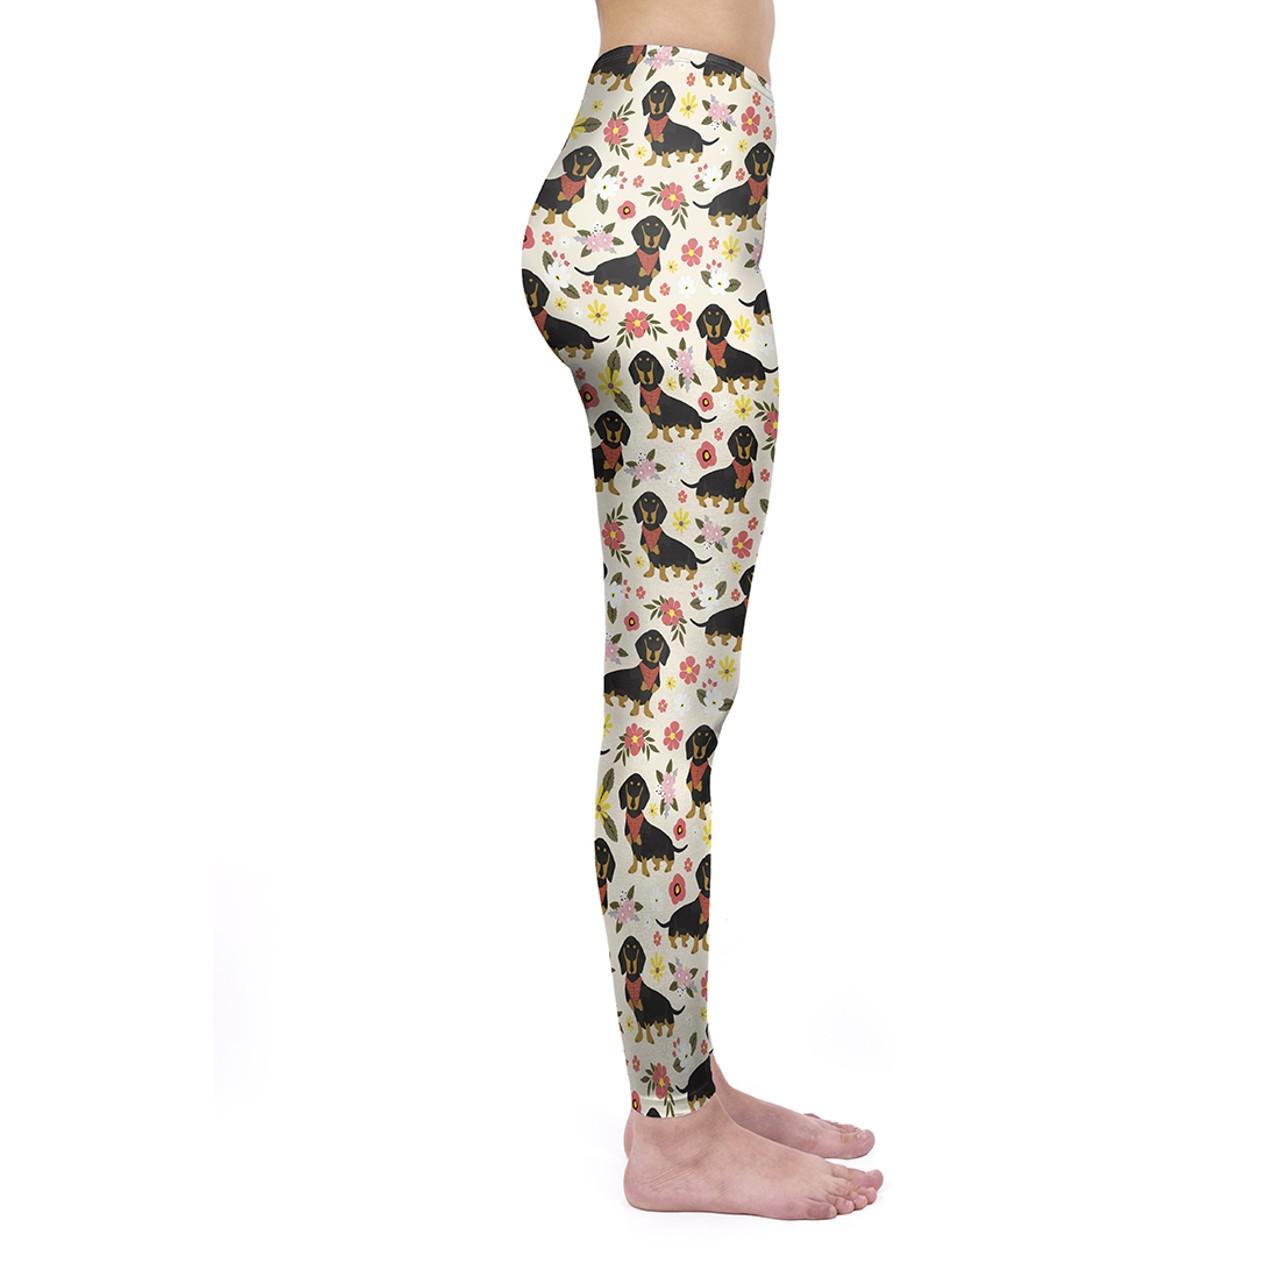 Flowery Scarf Dachshund Leggings